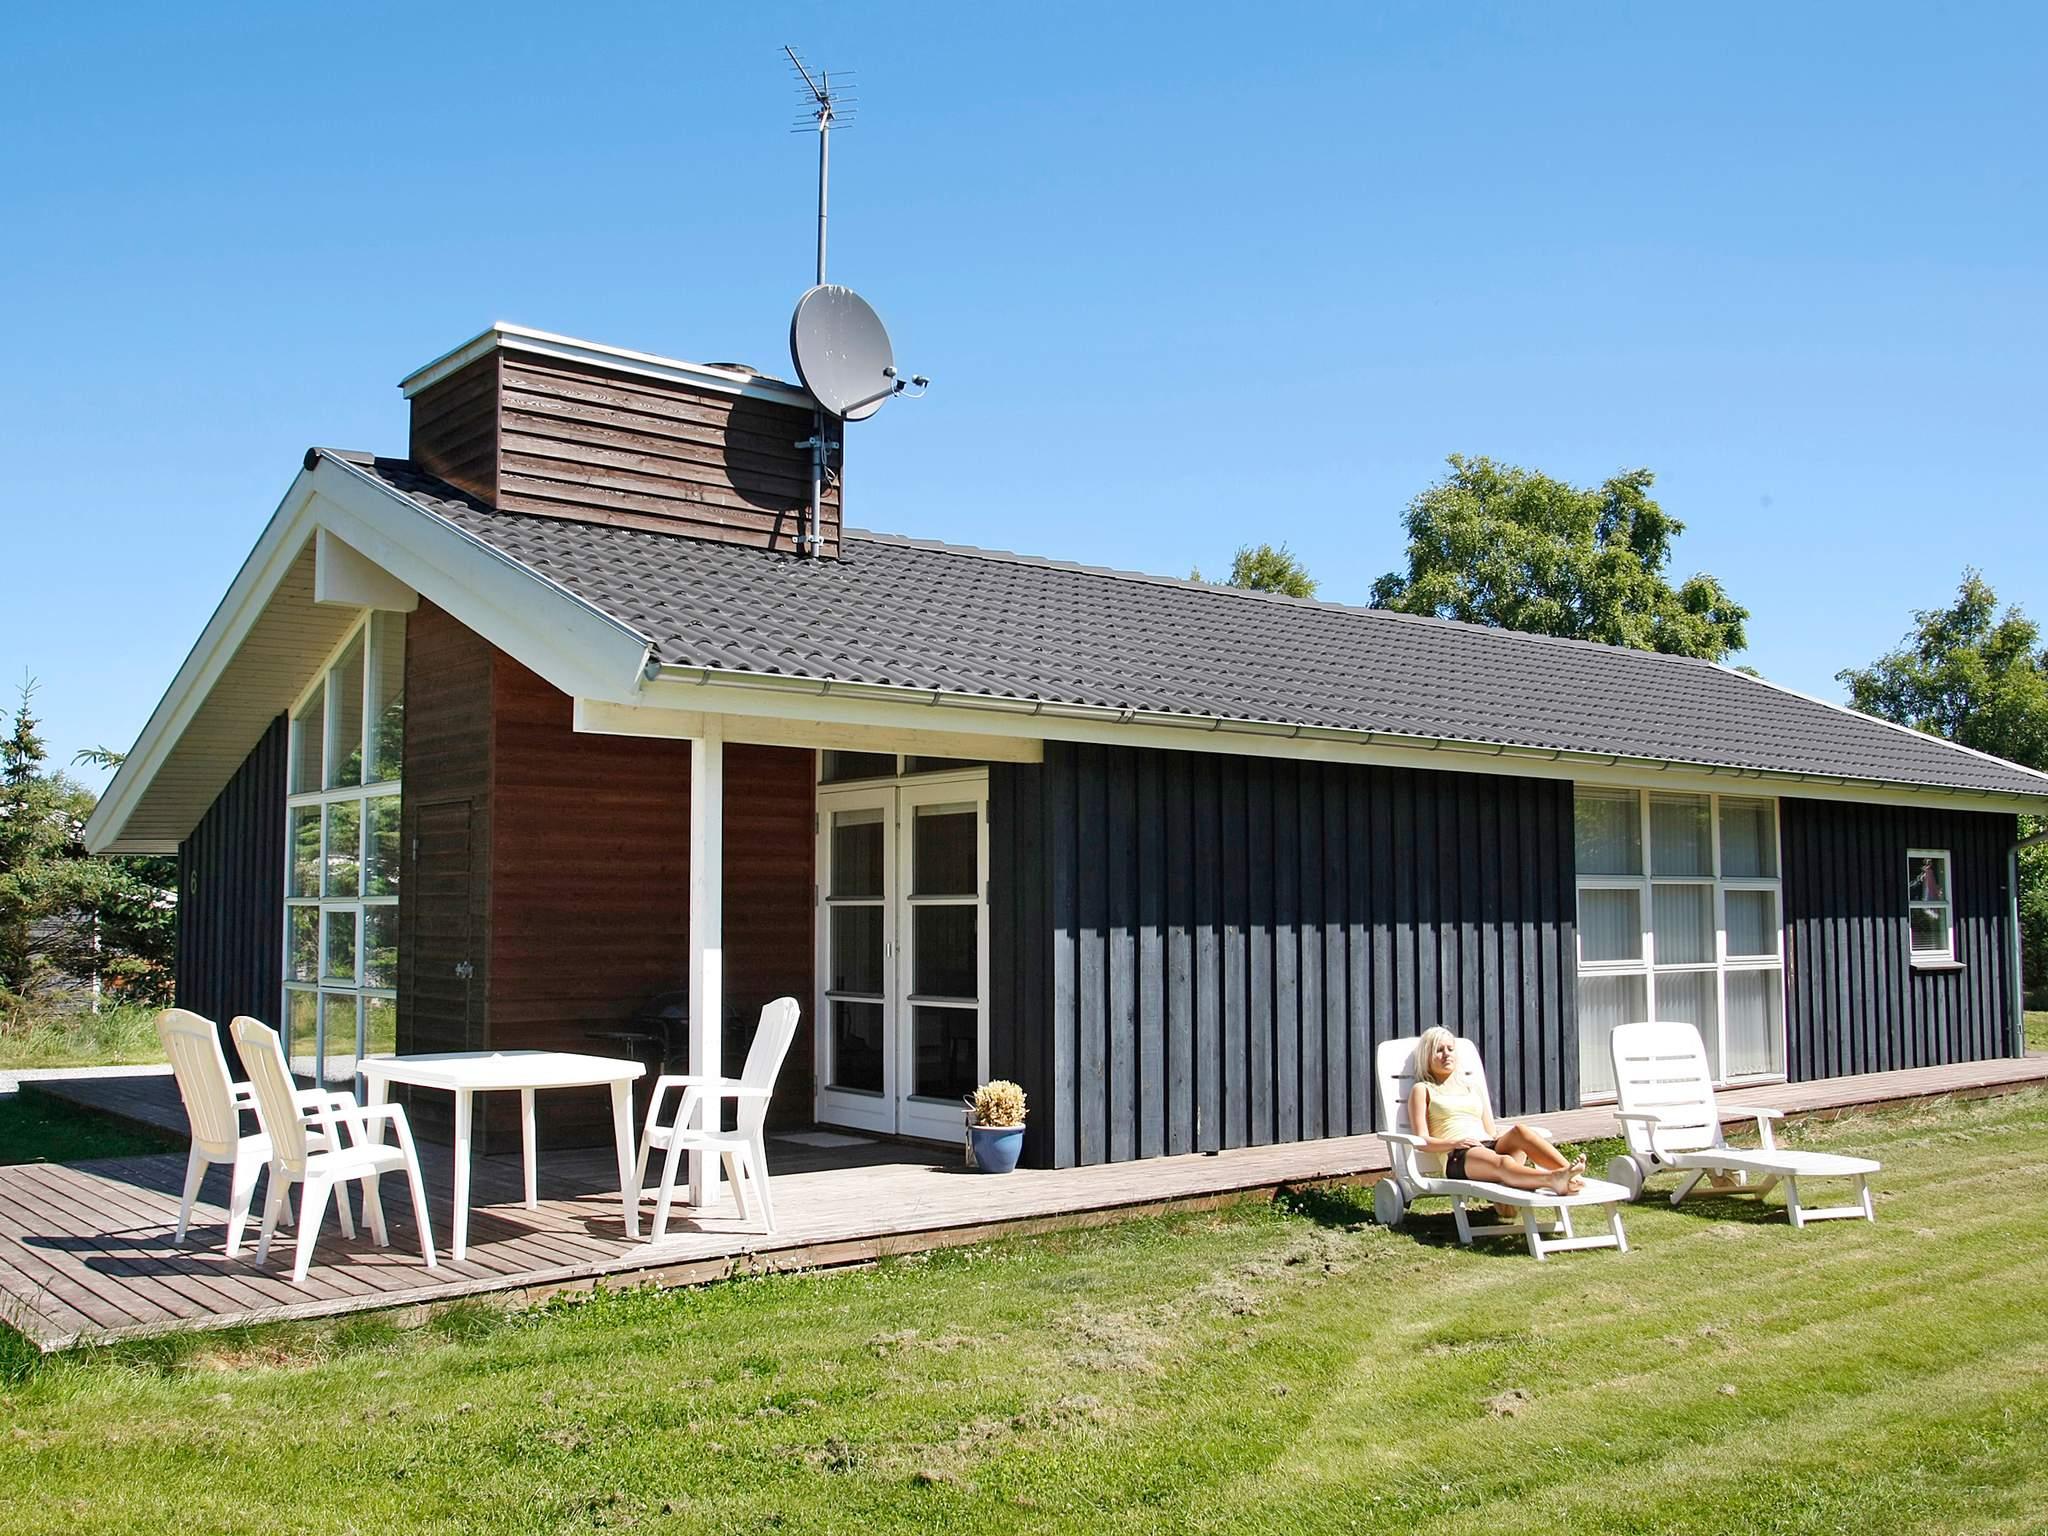 Ferienhaus Hou (371066), Hou, , Nordostjütland, Dänemark, Bild 1